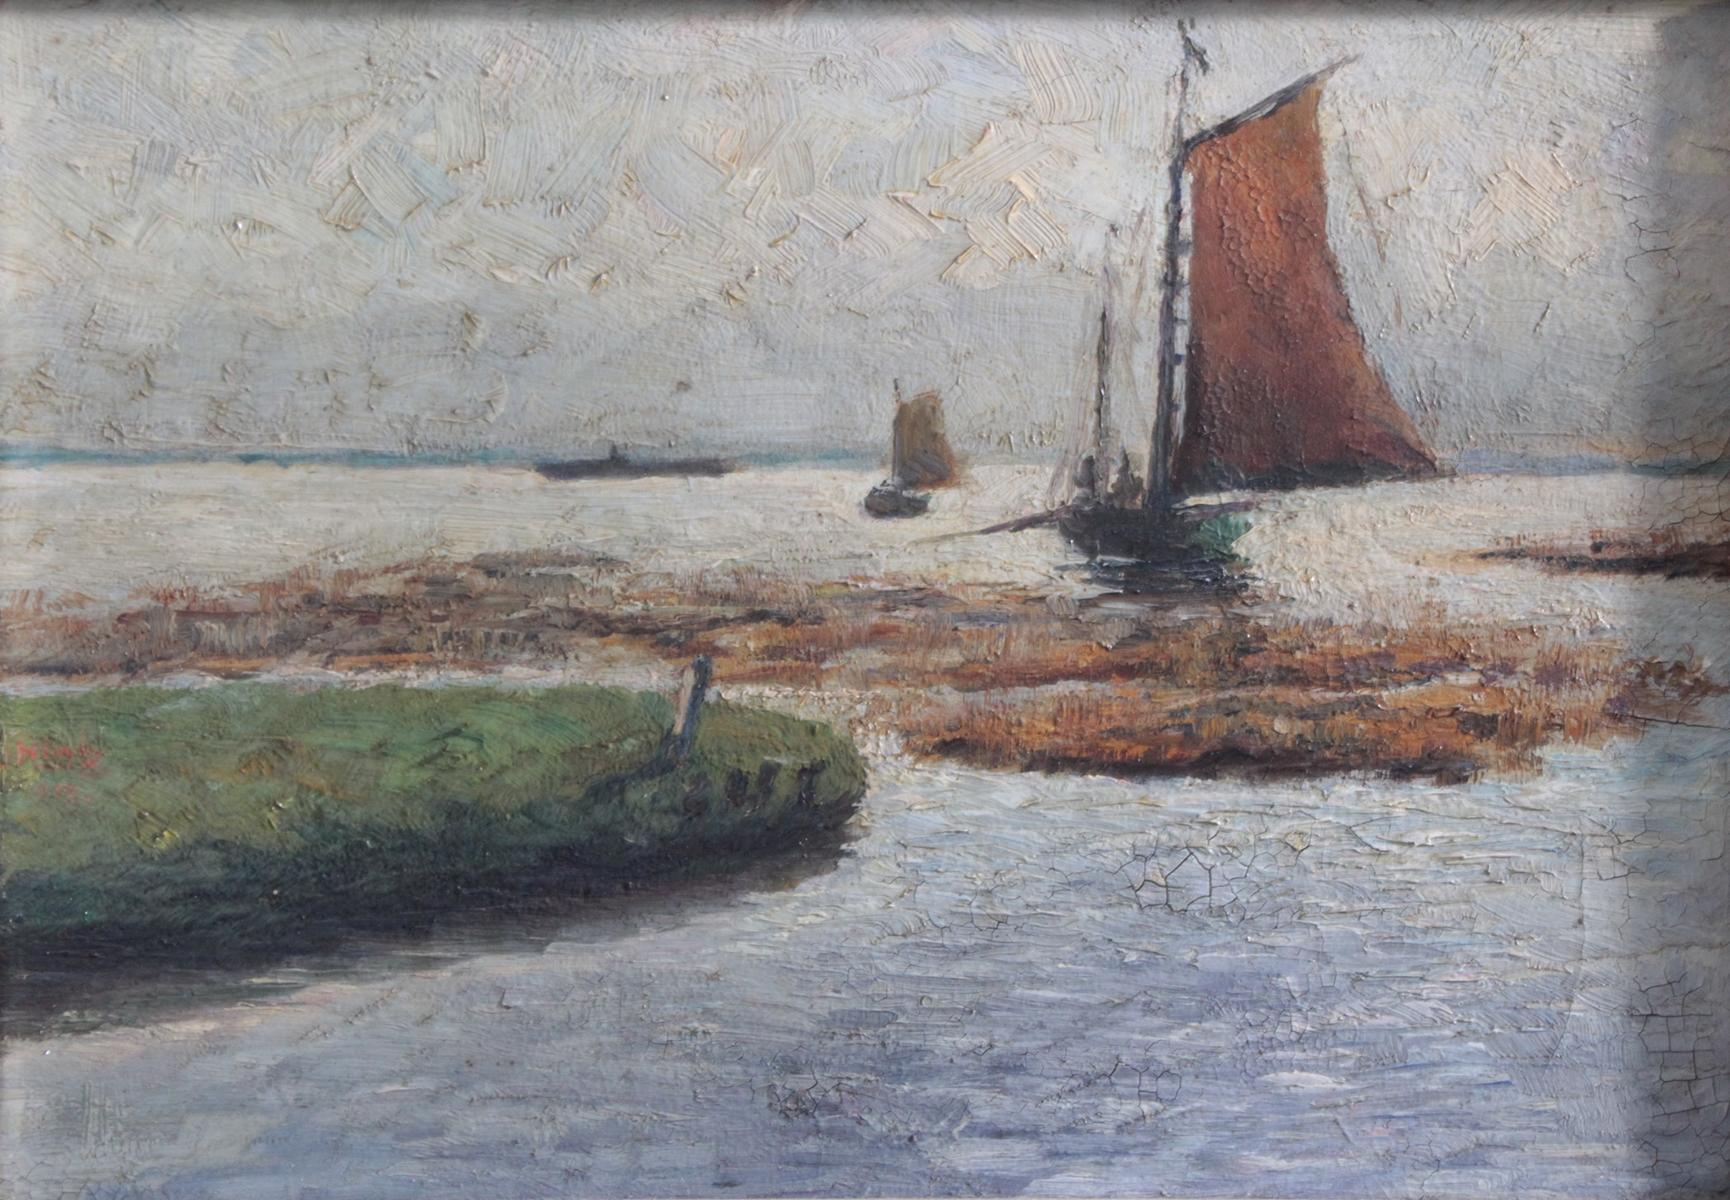 Meereslandschaft mit Segelbooten, unbekannter Künstler-2